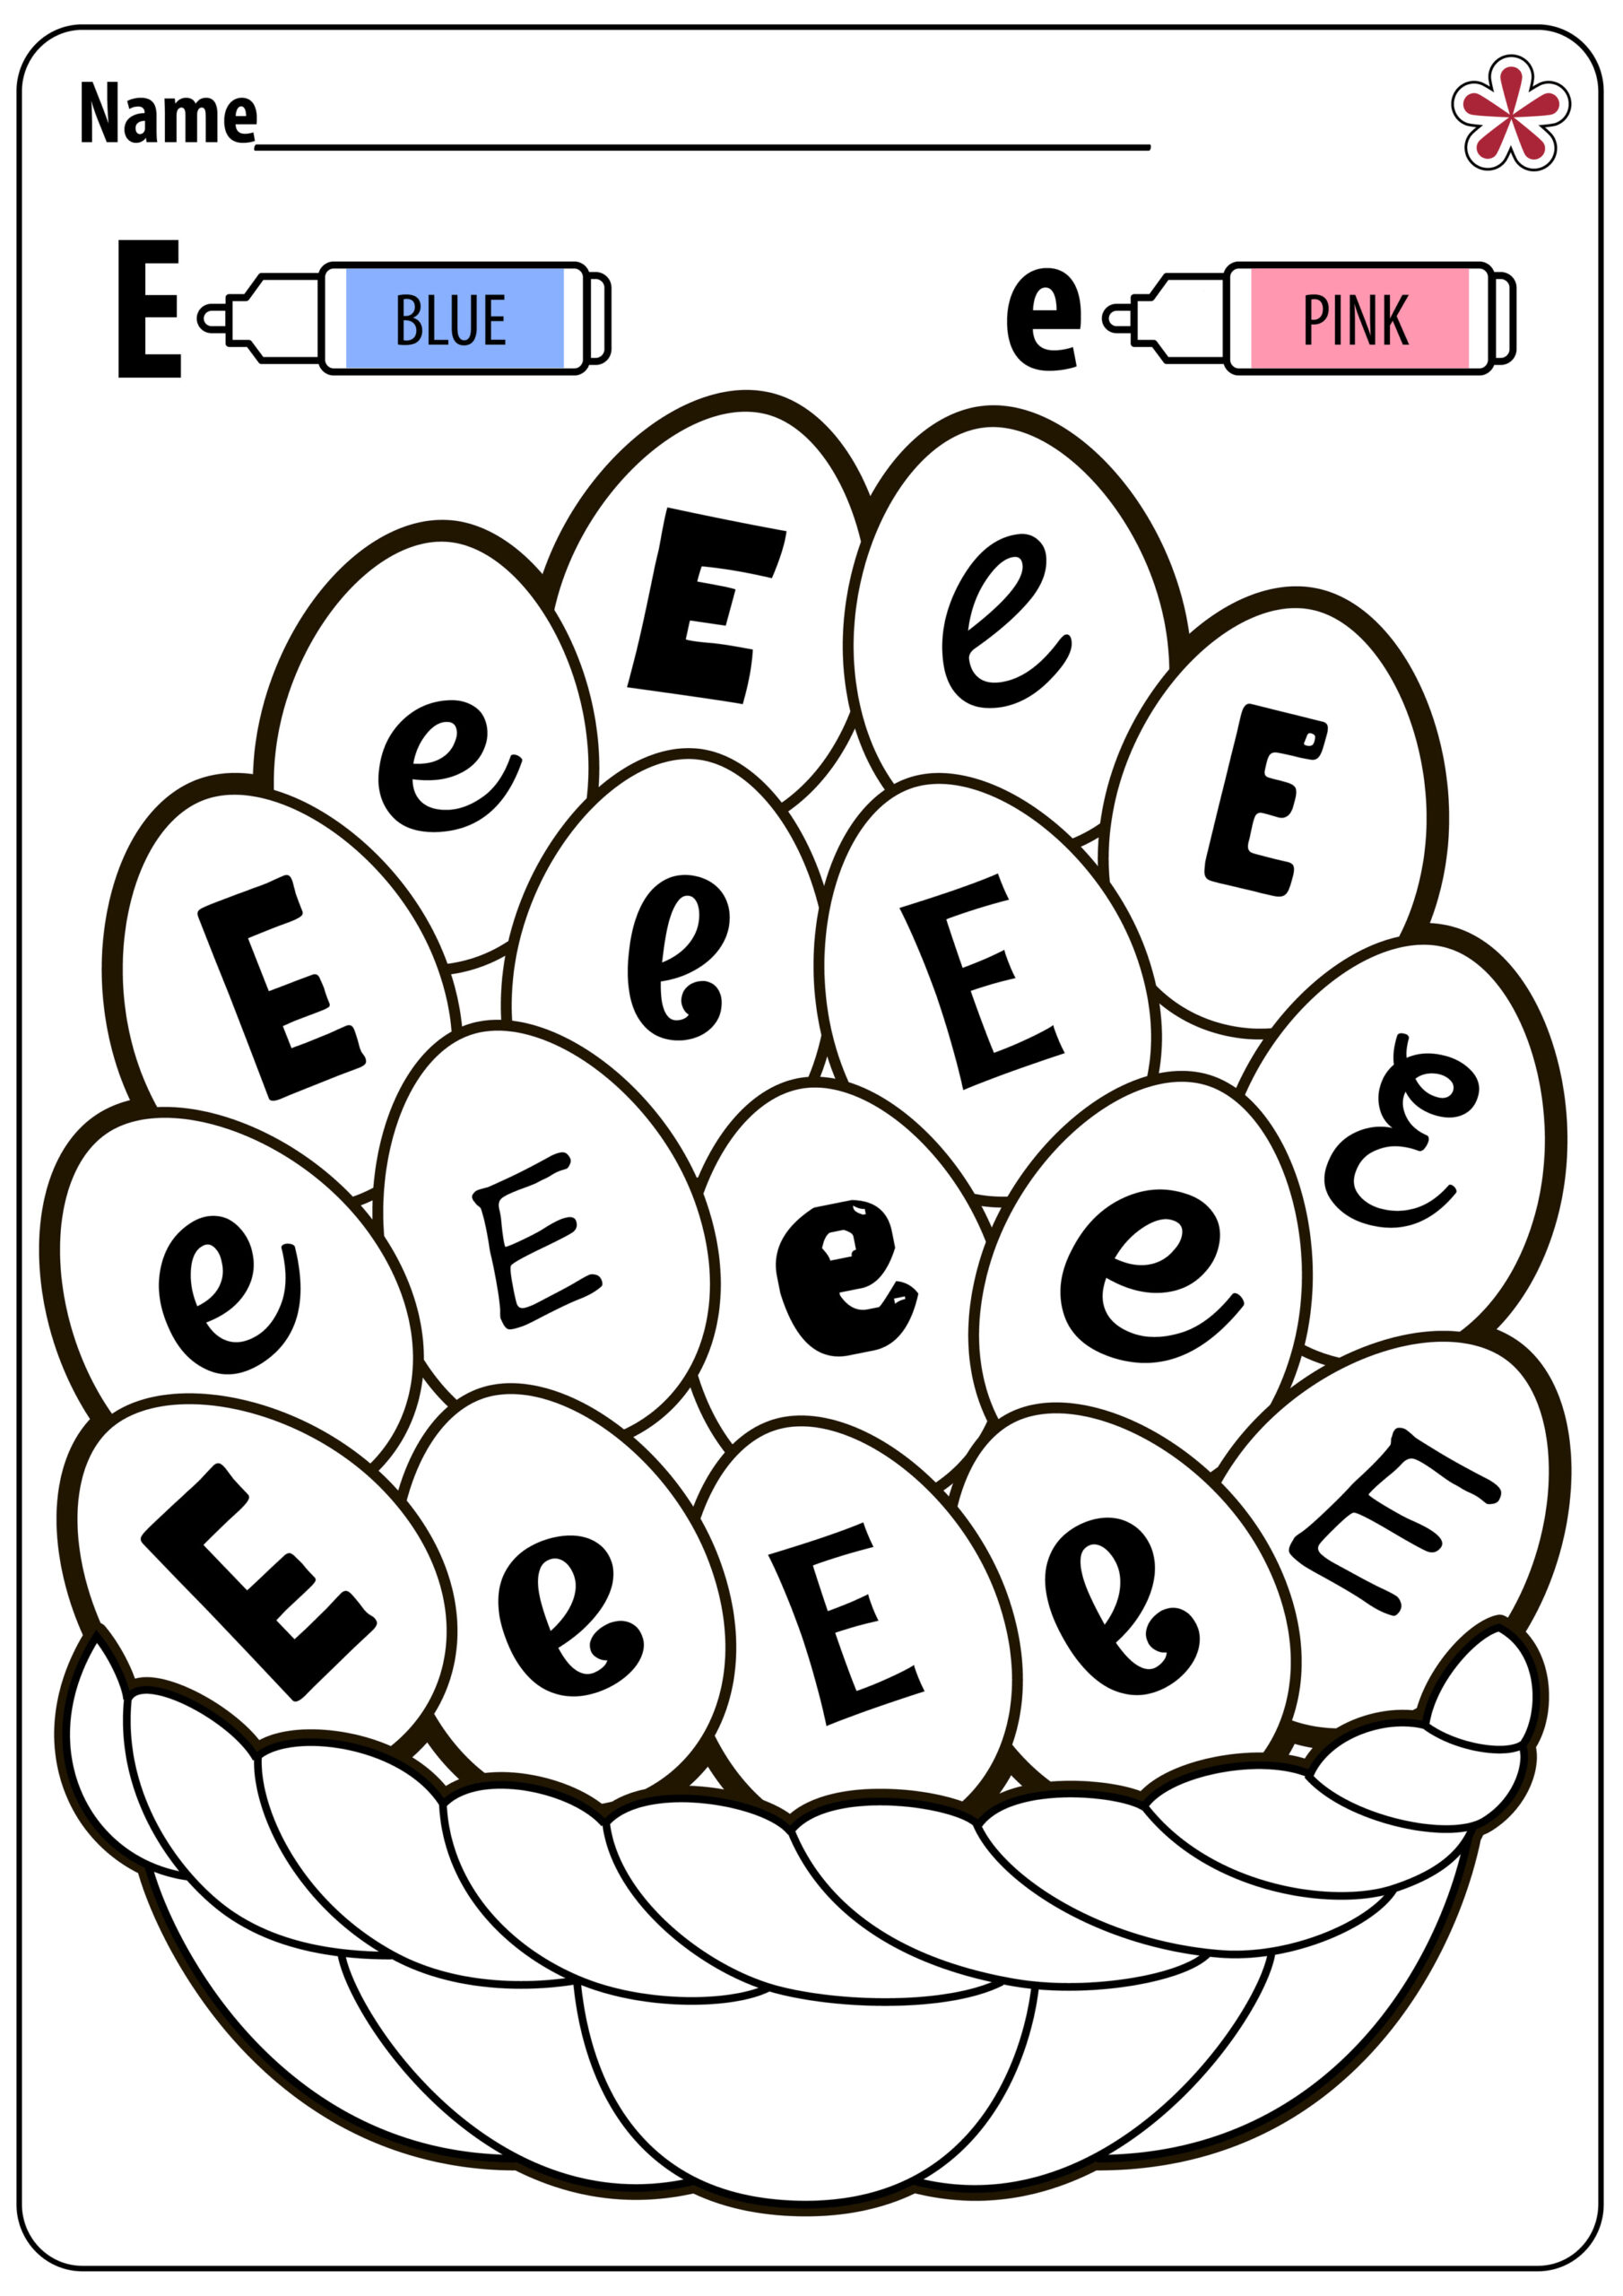 Letter E Worksheets For Kindergarten And Preschool for Letter E Worksheets For Kindergarten